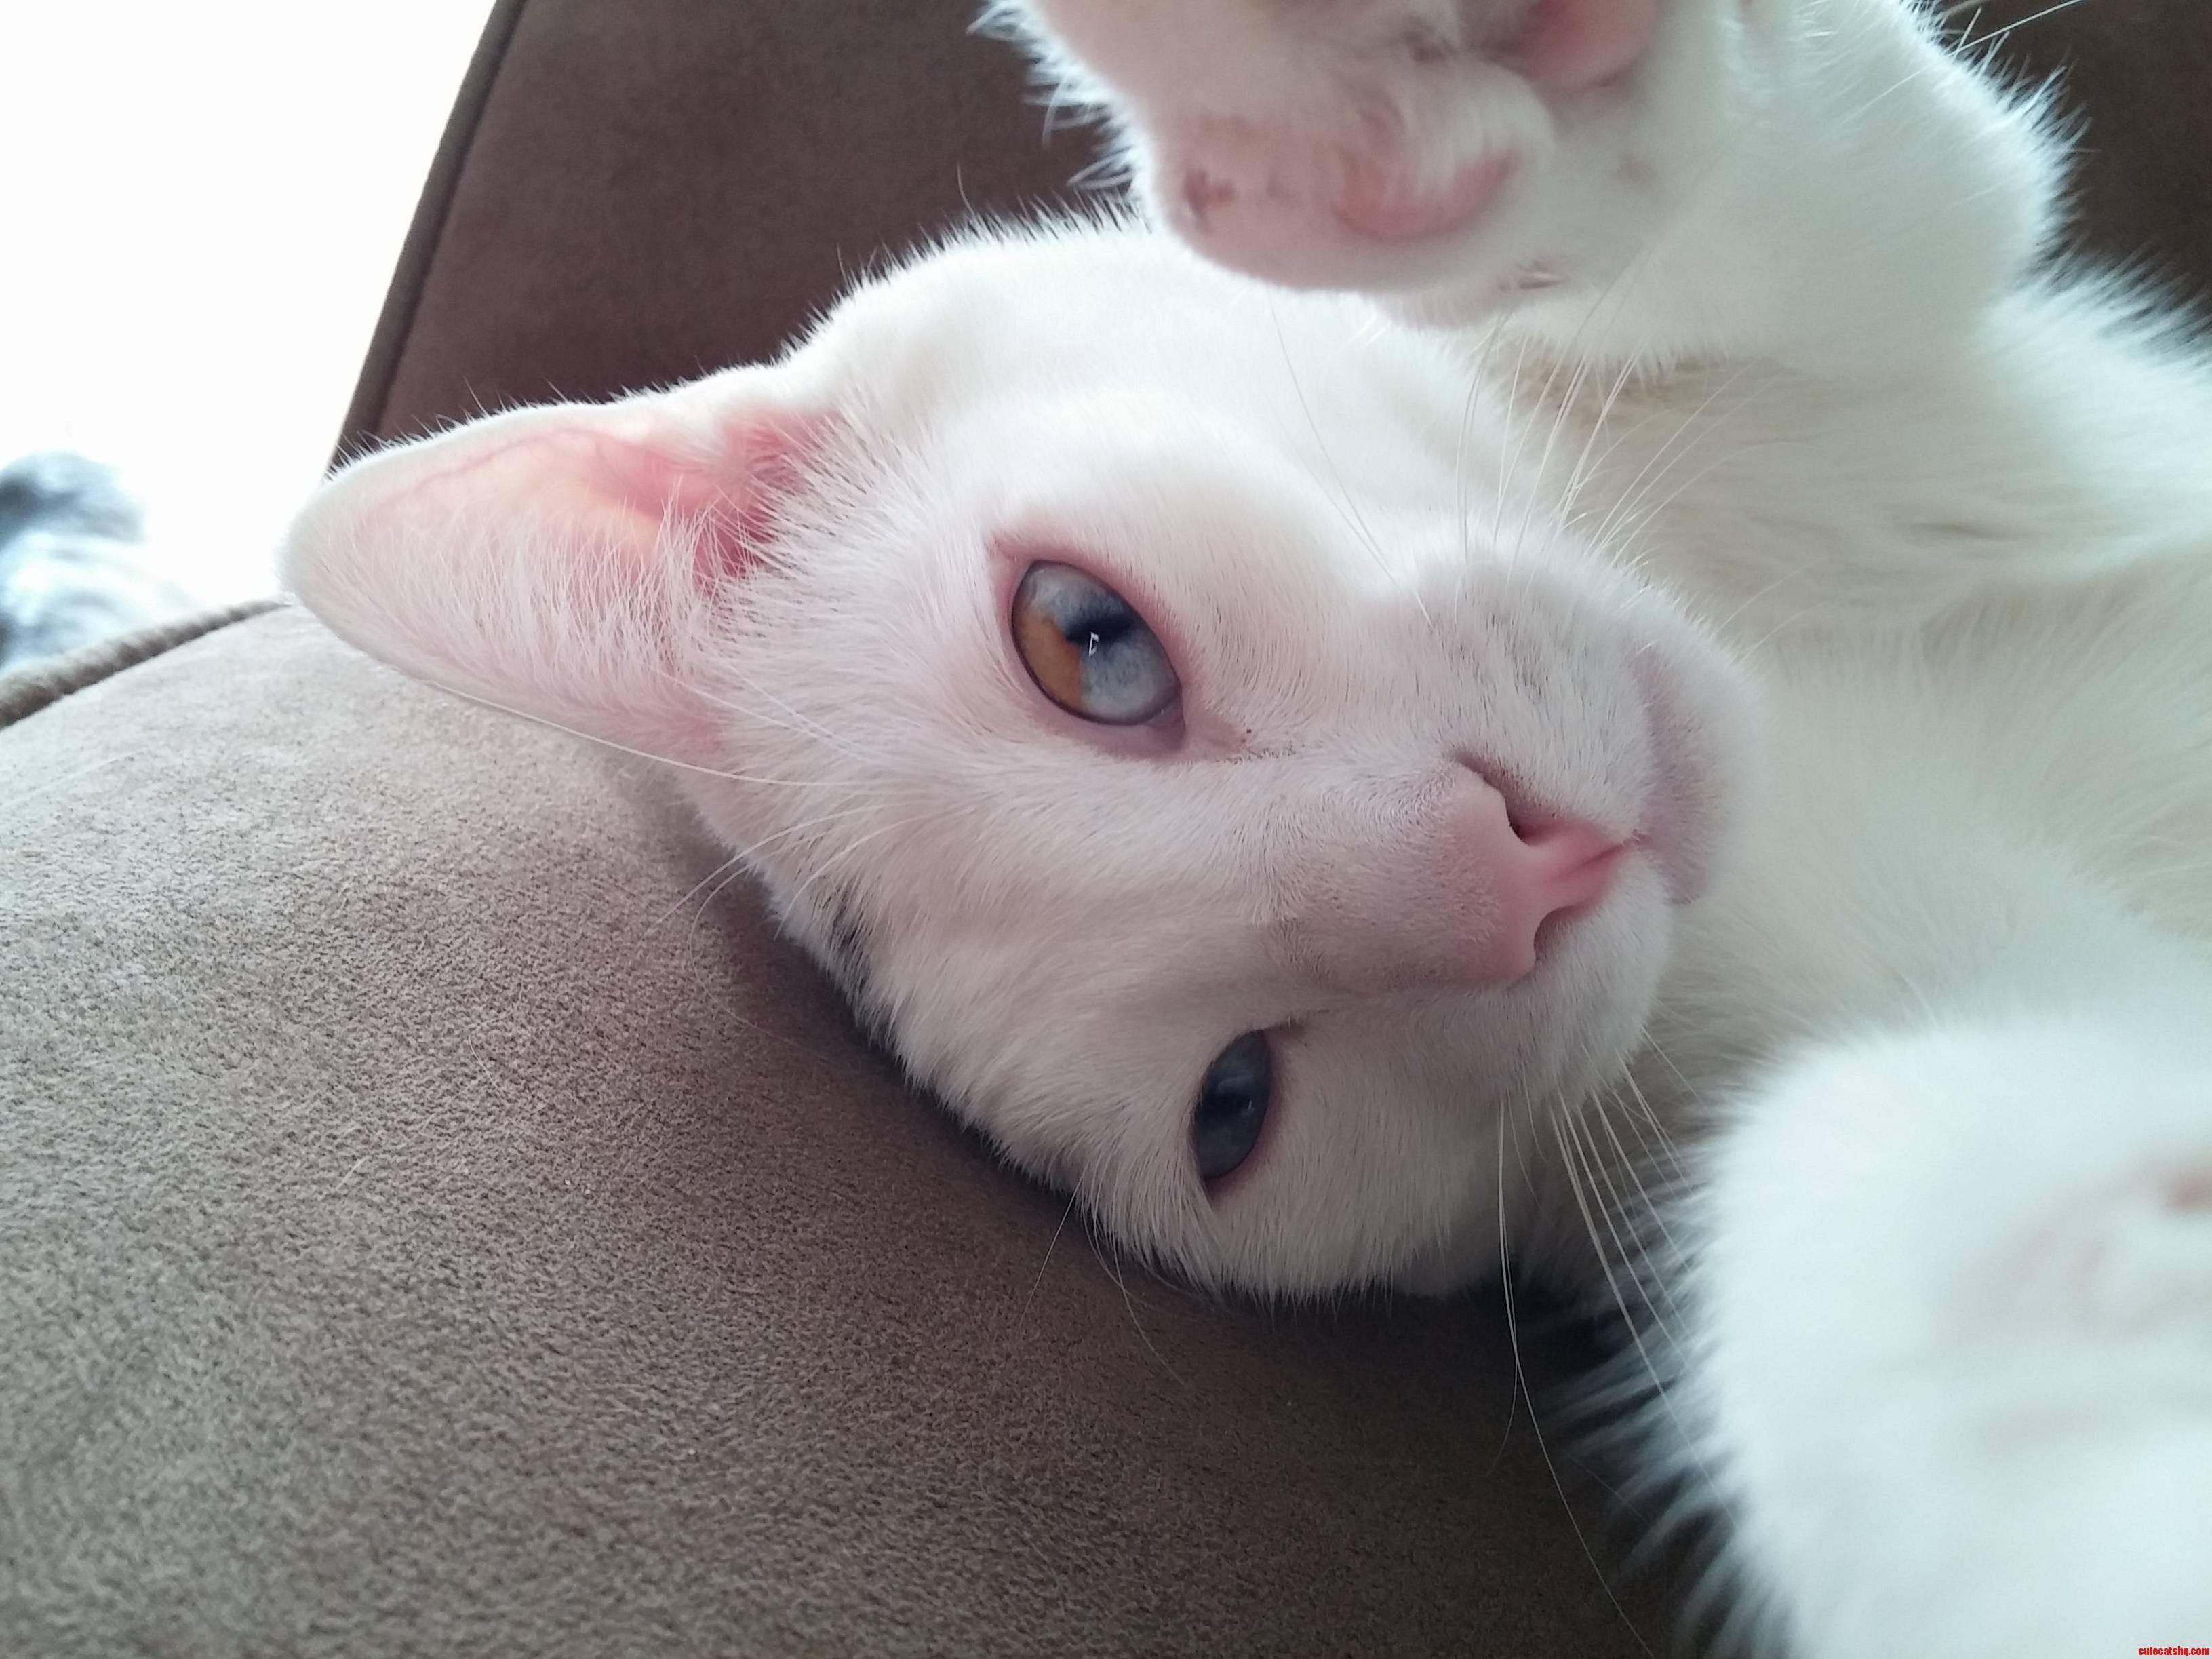 Happy 3rd birthday my odd-eyed kitty.